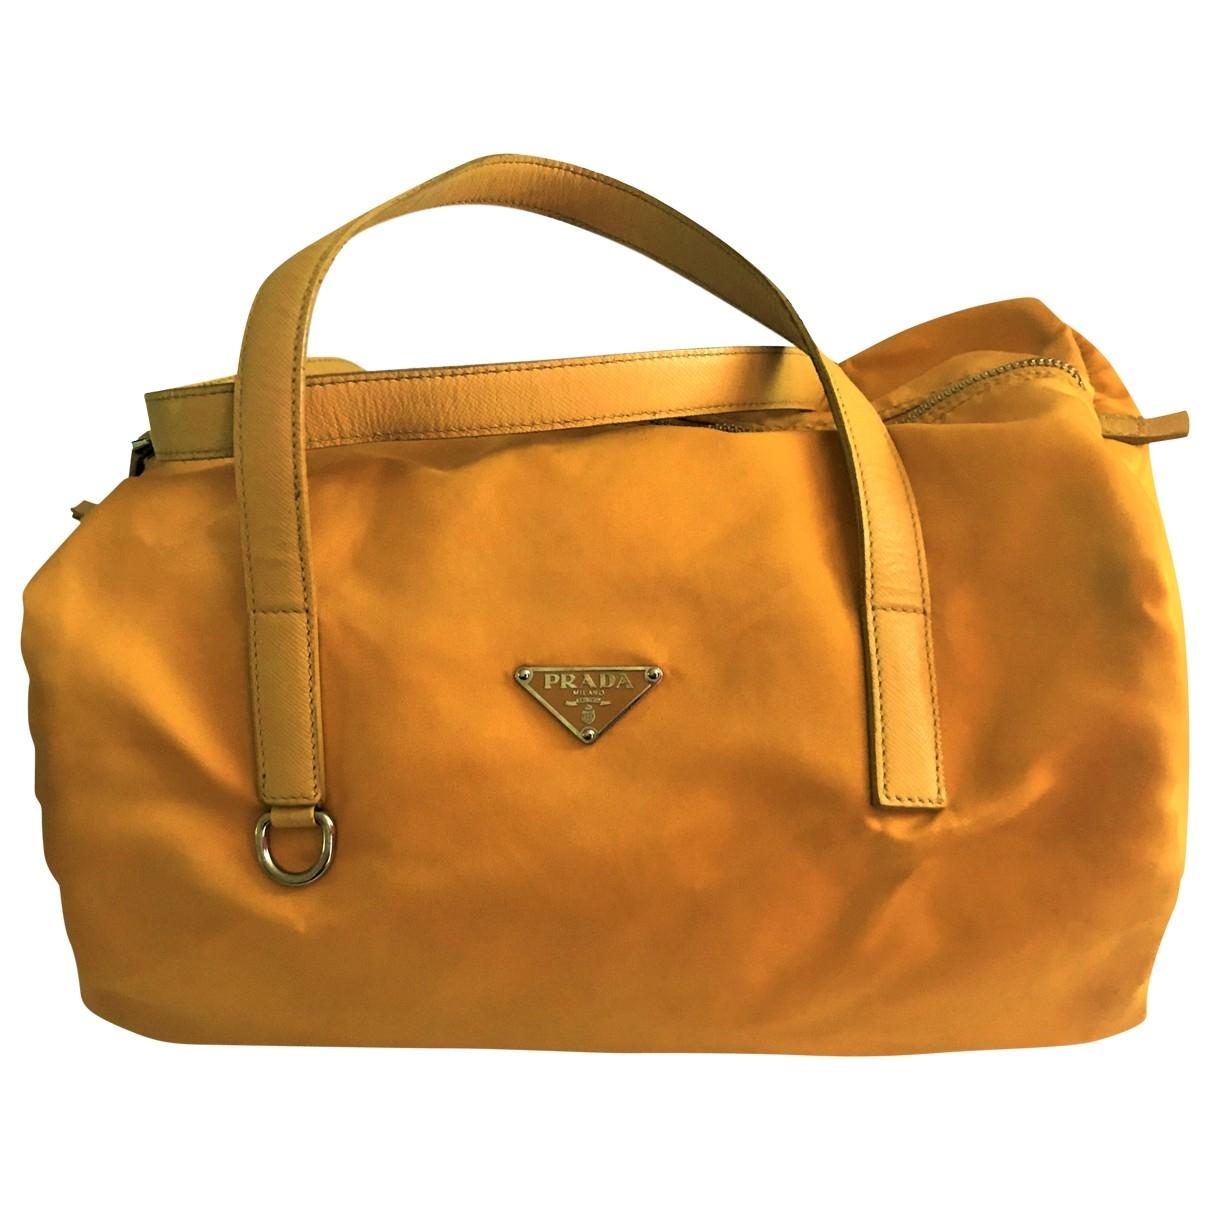 Prada \N Handtasche in  Gelb Leinen